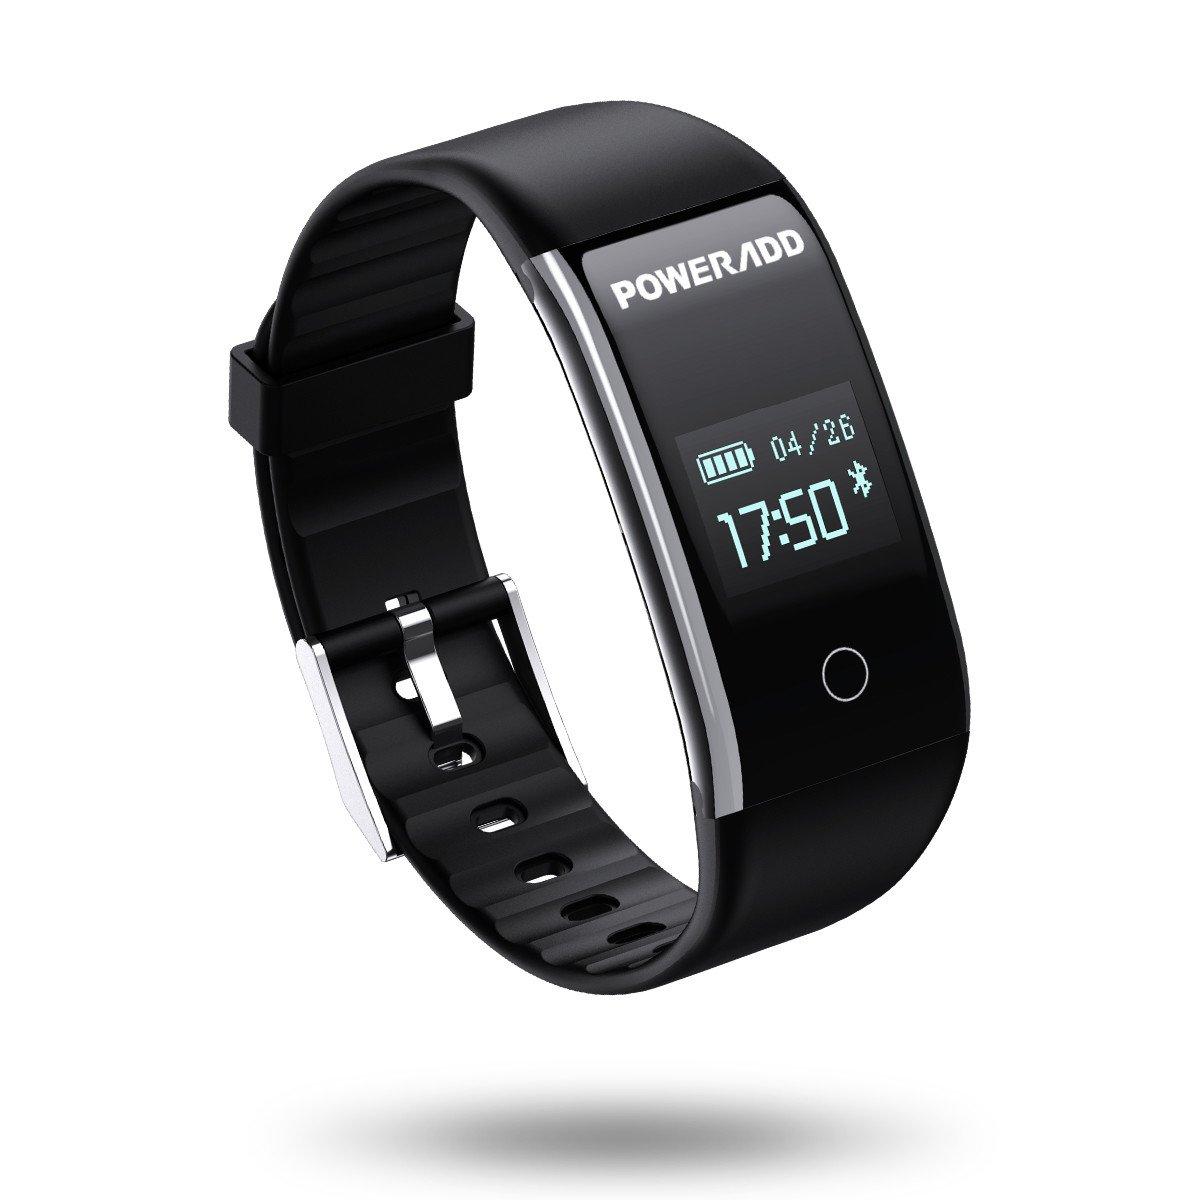 POWERADD Fitness Tracker Intelligente Cardiofrequenzimetro Multifunzione, Orologio Fitness Unisex Sia per Uomo Che per Donna, Impermeabilità IPX7 per iPhone Samsung Huawei Xiaomi